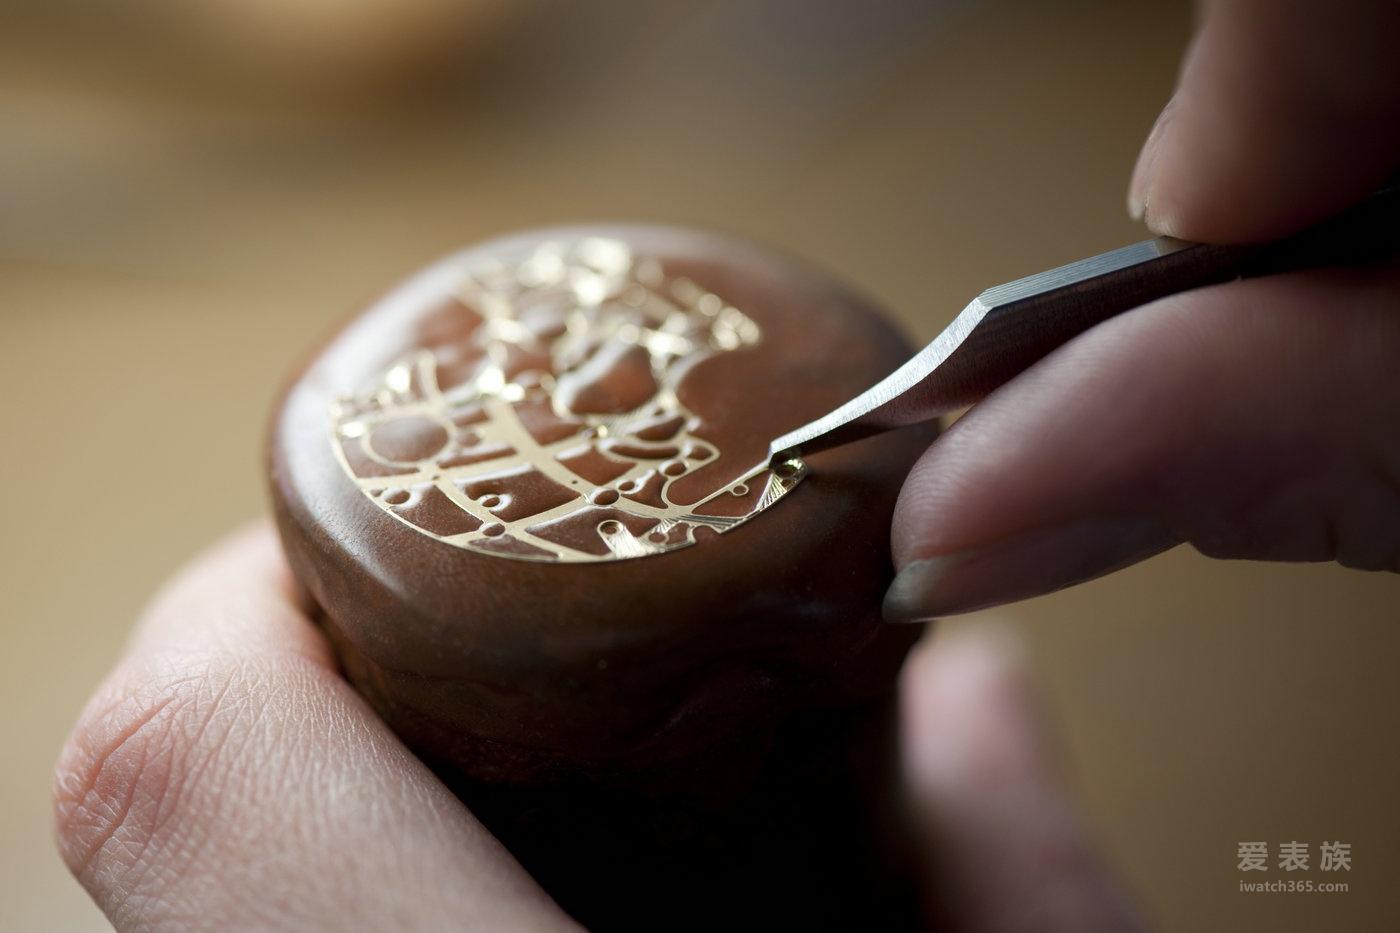 信念永恒 匠心传承 ---来自汝山谷积家大工坊的新年畅想